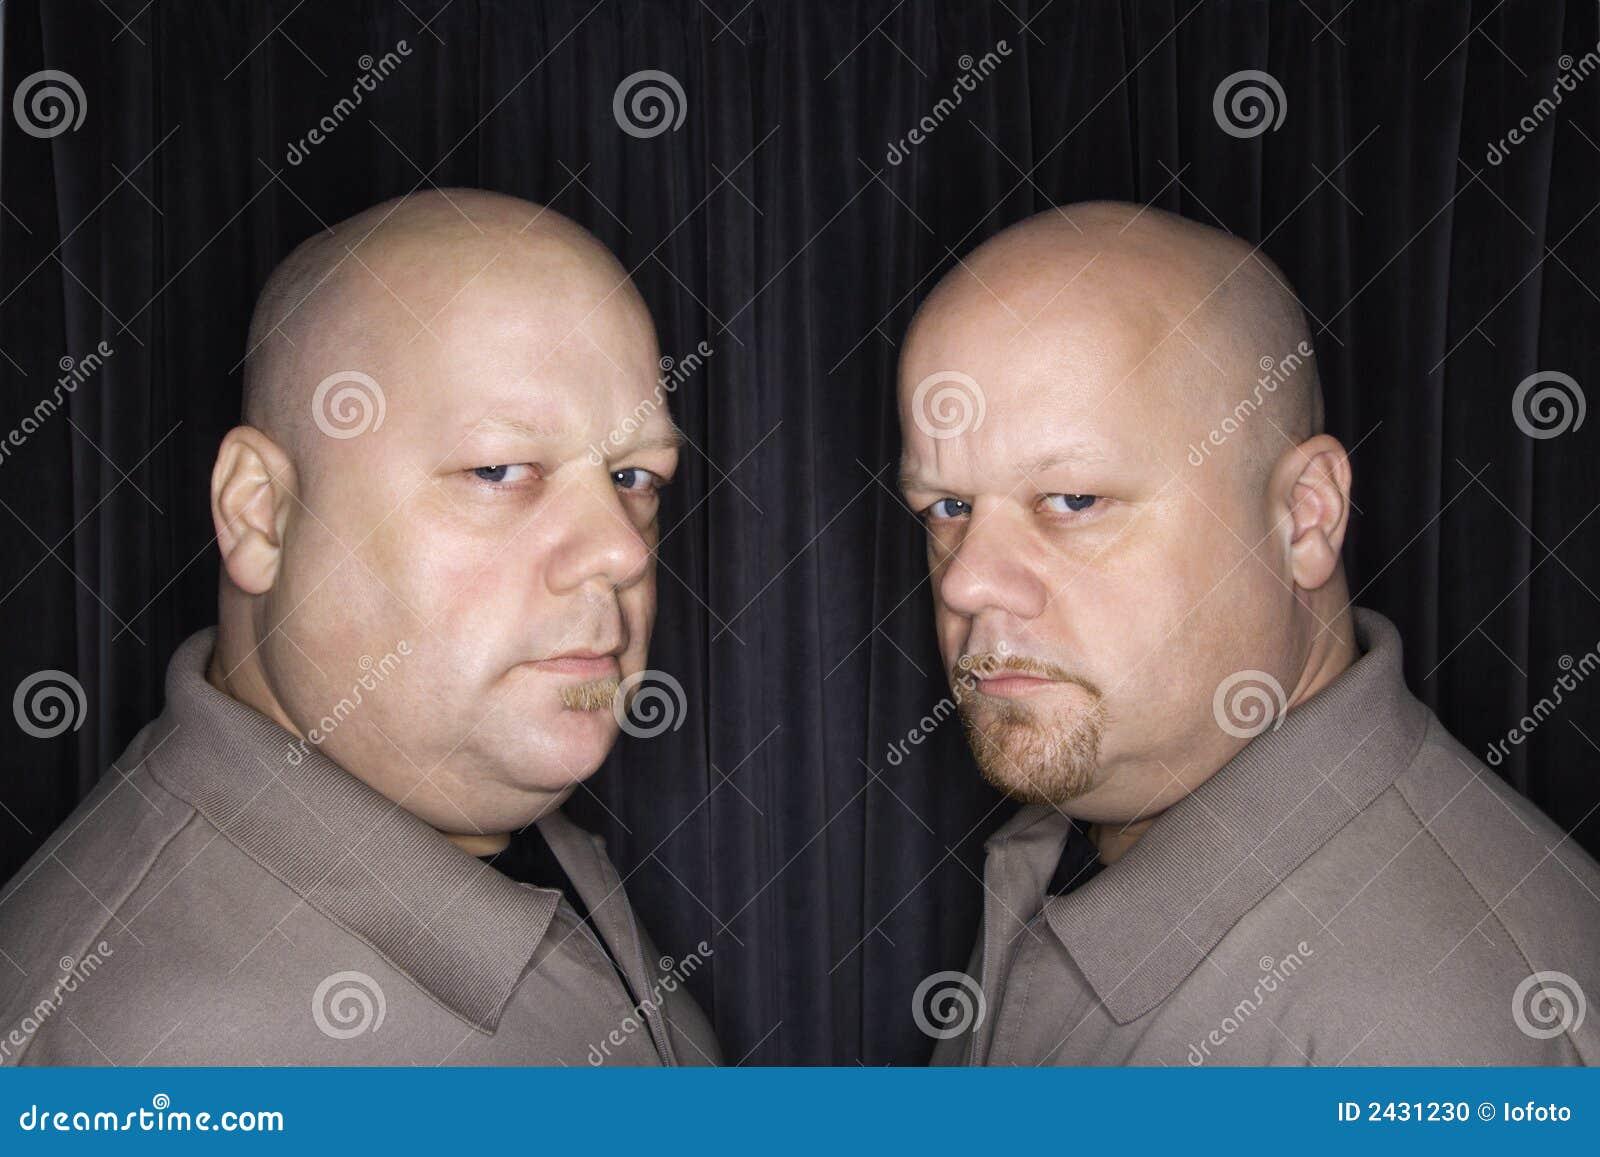 Hombres gemelos calvos.